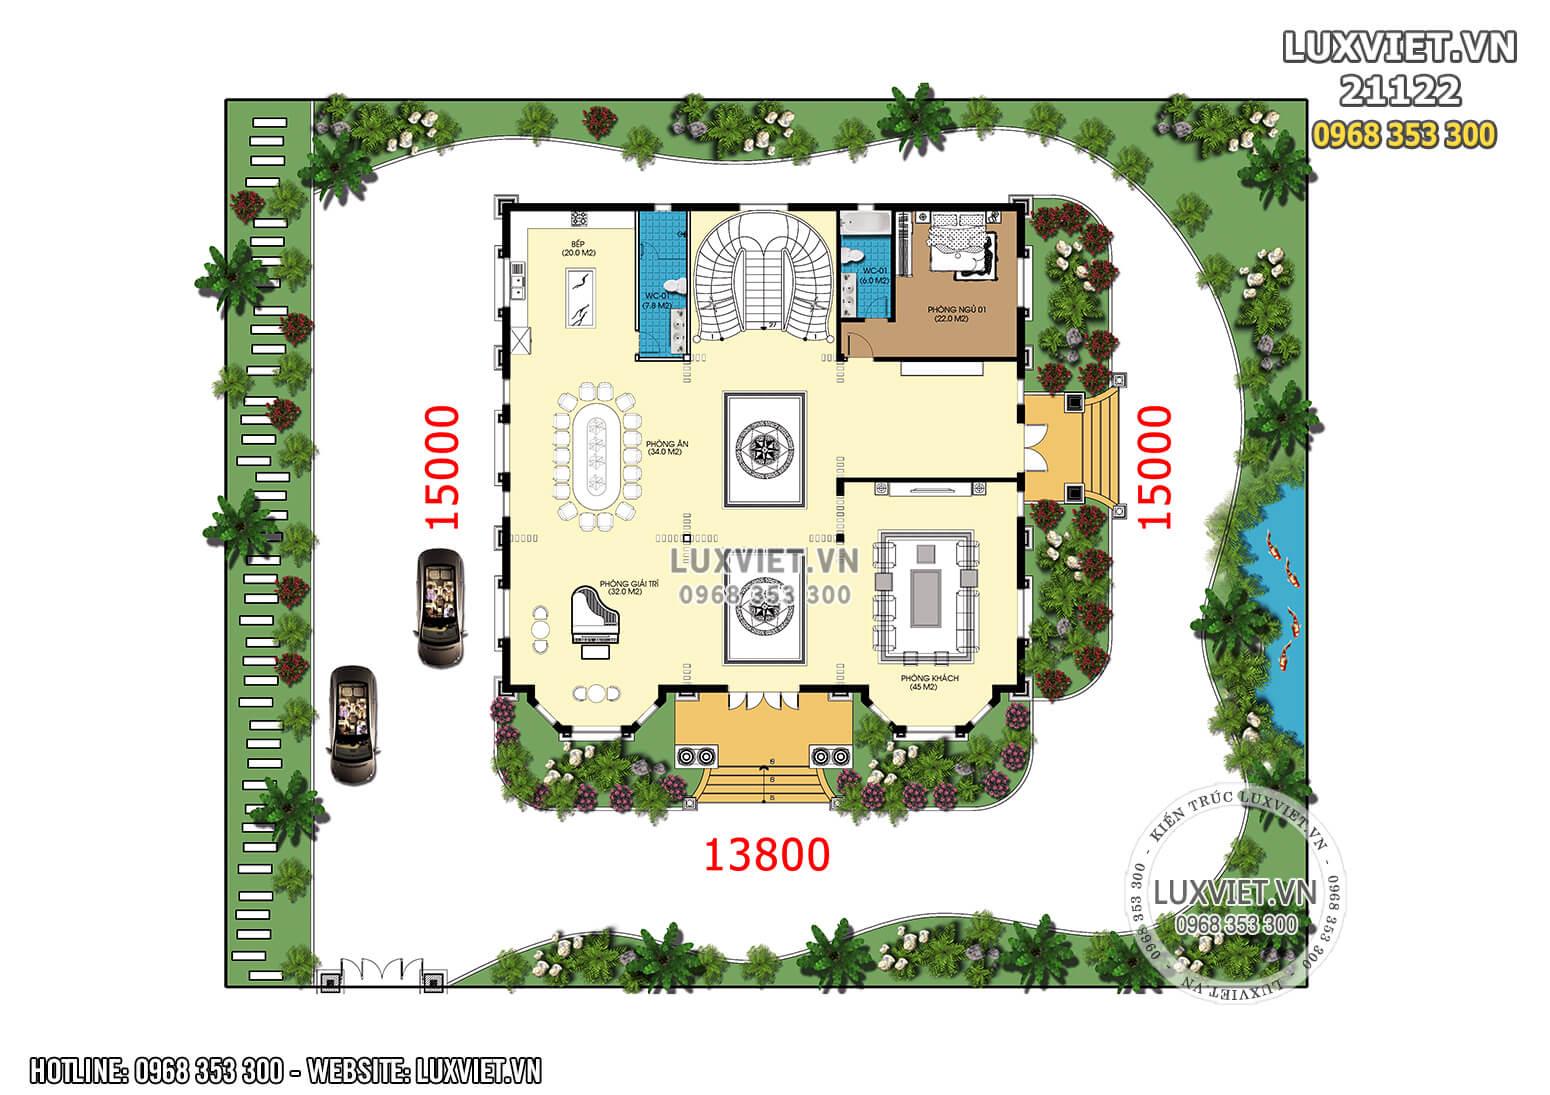 Mặt bằng bố trí công năng biệt thự 2 tầng phong cách tân cổ điển - LV 21122